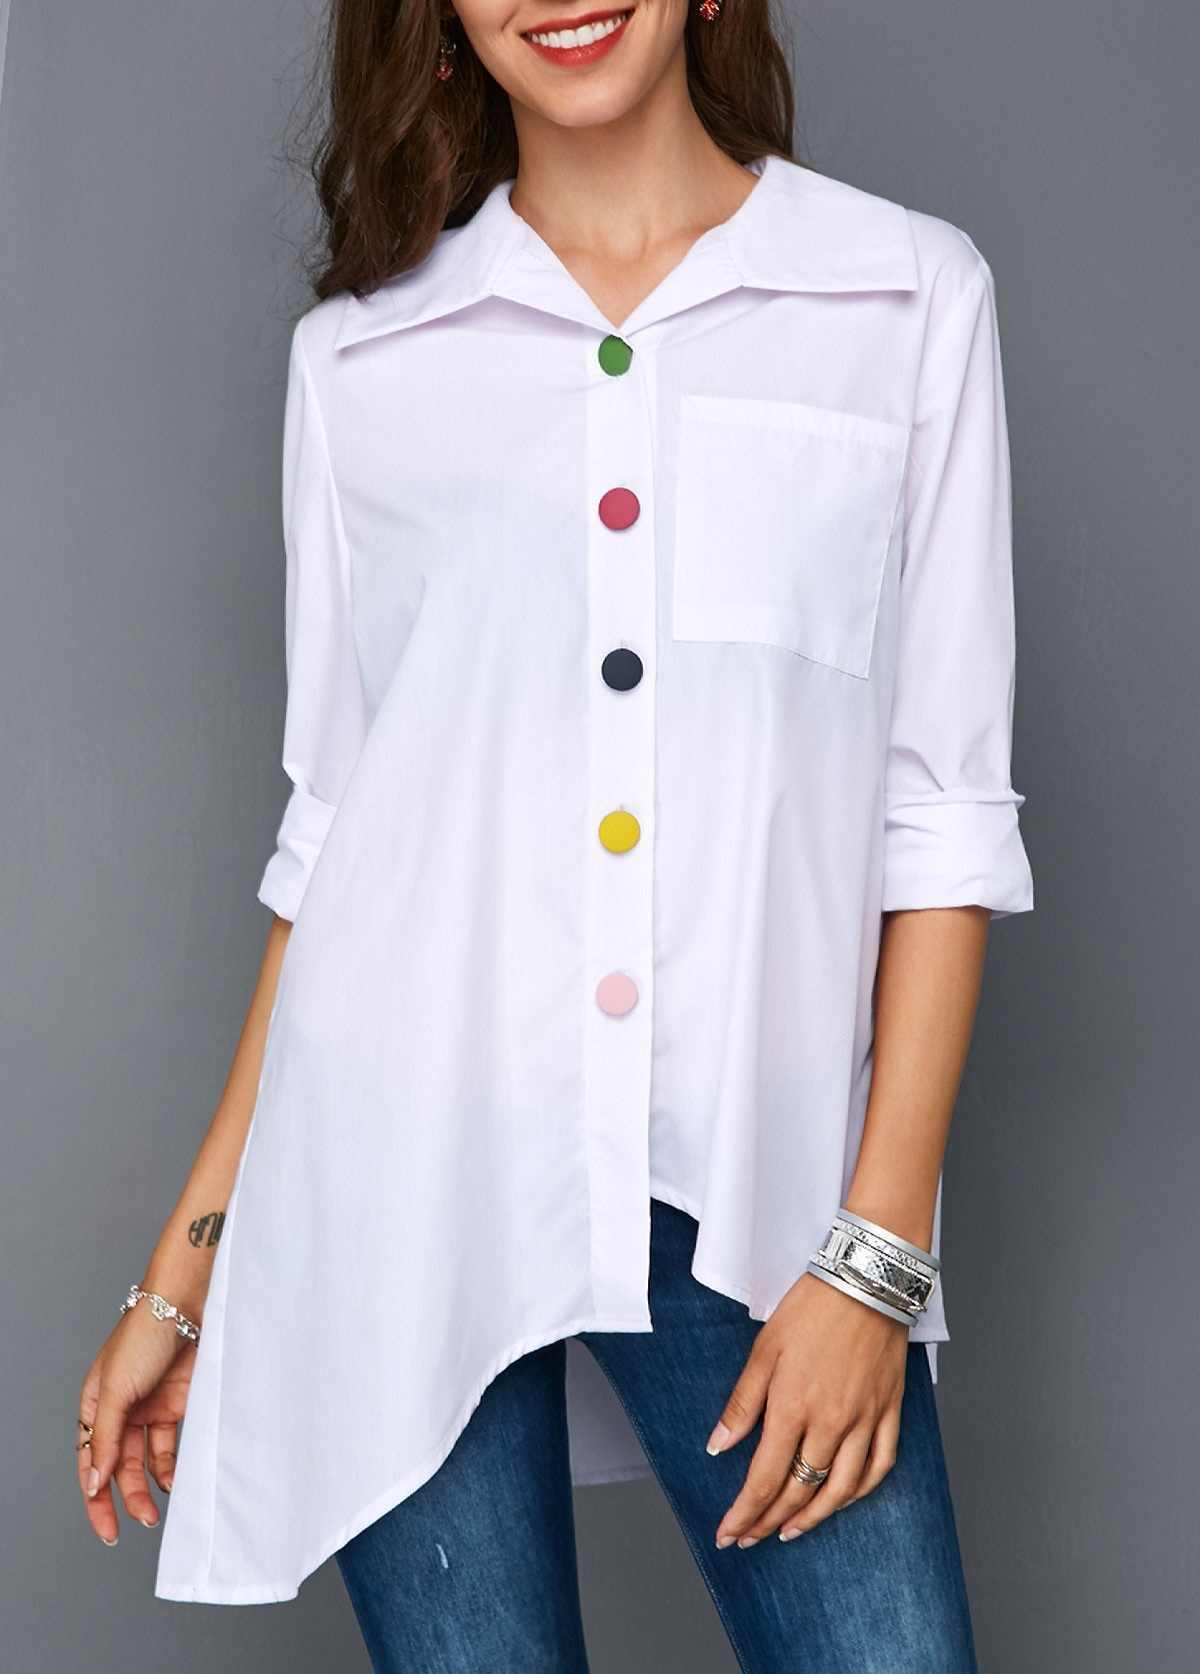 2019 XS-5XL ผู้หญิงสีขาวด้านบนปุ่มที่มีสีสัน Anomalistic ผู้หญิงเสื้อยืดแฟชั่น Turn-down เสื้อ \ \ \ \ \ \ \ \ \ \ \ \ \ \ \ \ \ เสื้อยืด